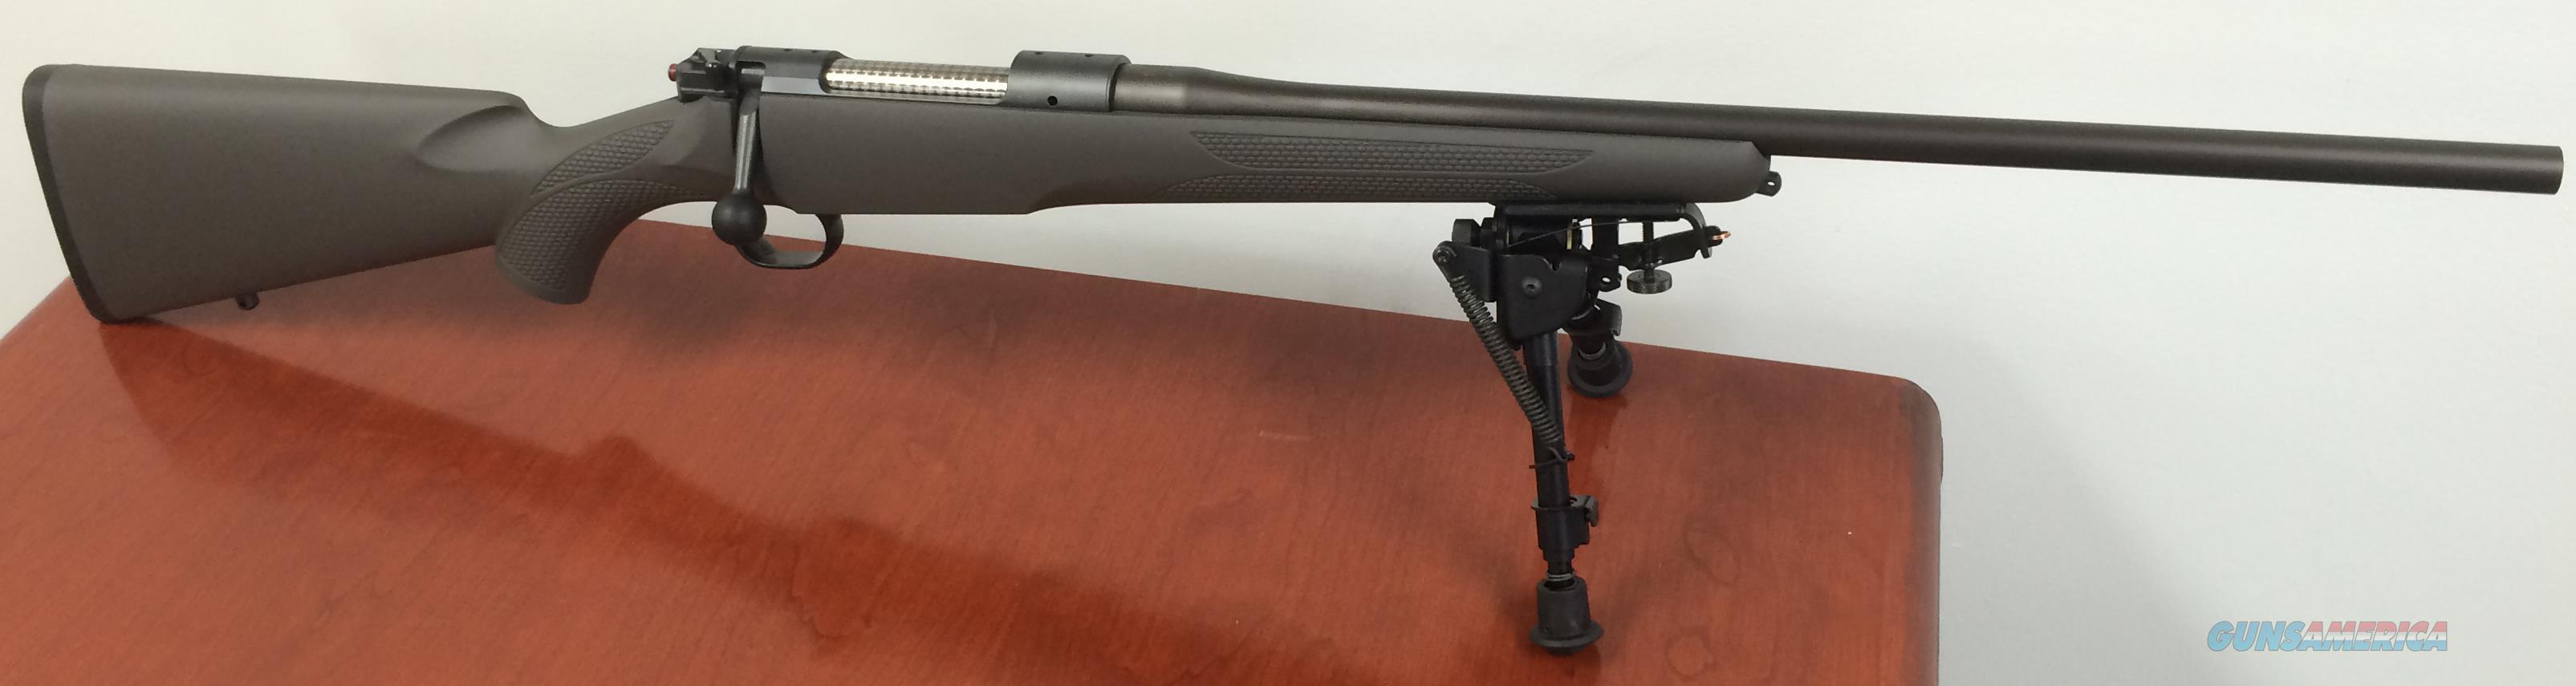 MAUSER M12 SOLID .30-06 Springfield  Guns > Rifles > Mauser Rifles > German